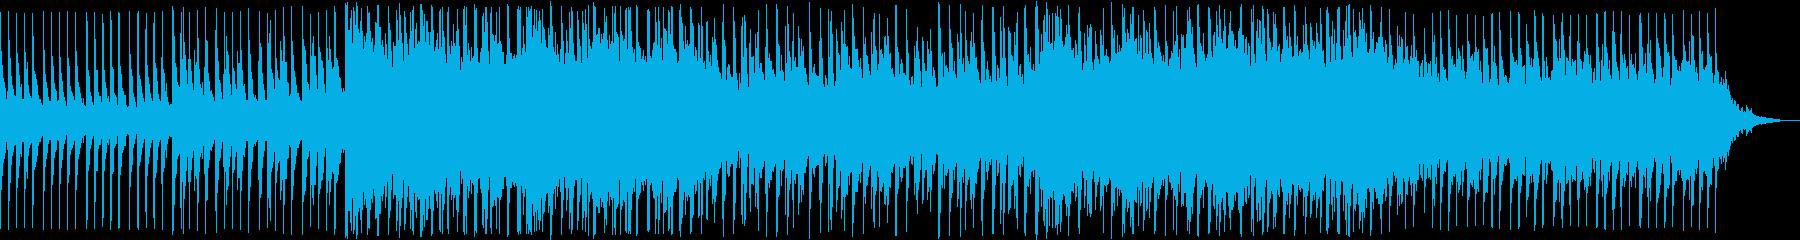 さわやかな雰囲気のテクノポップの再生済みの波形